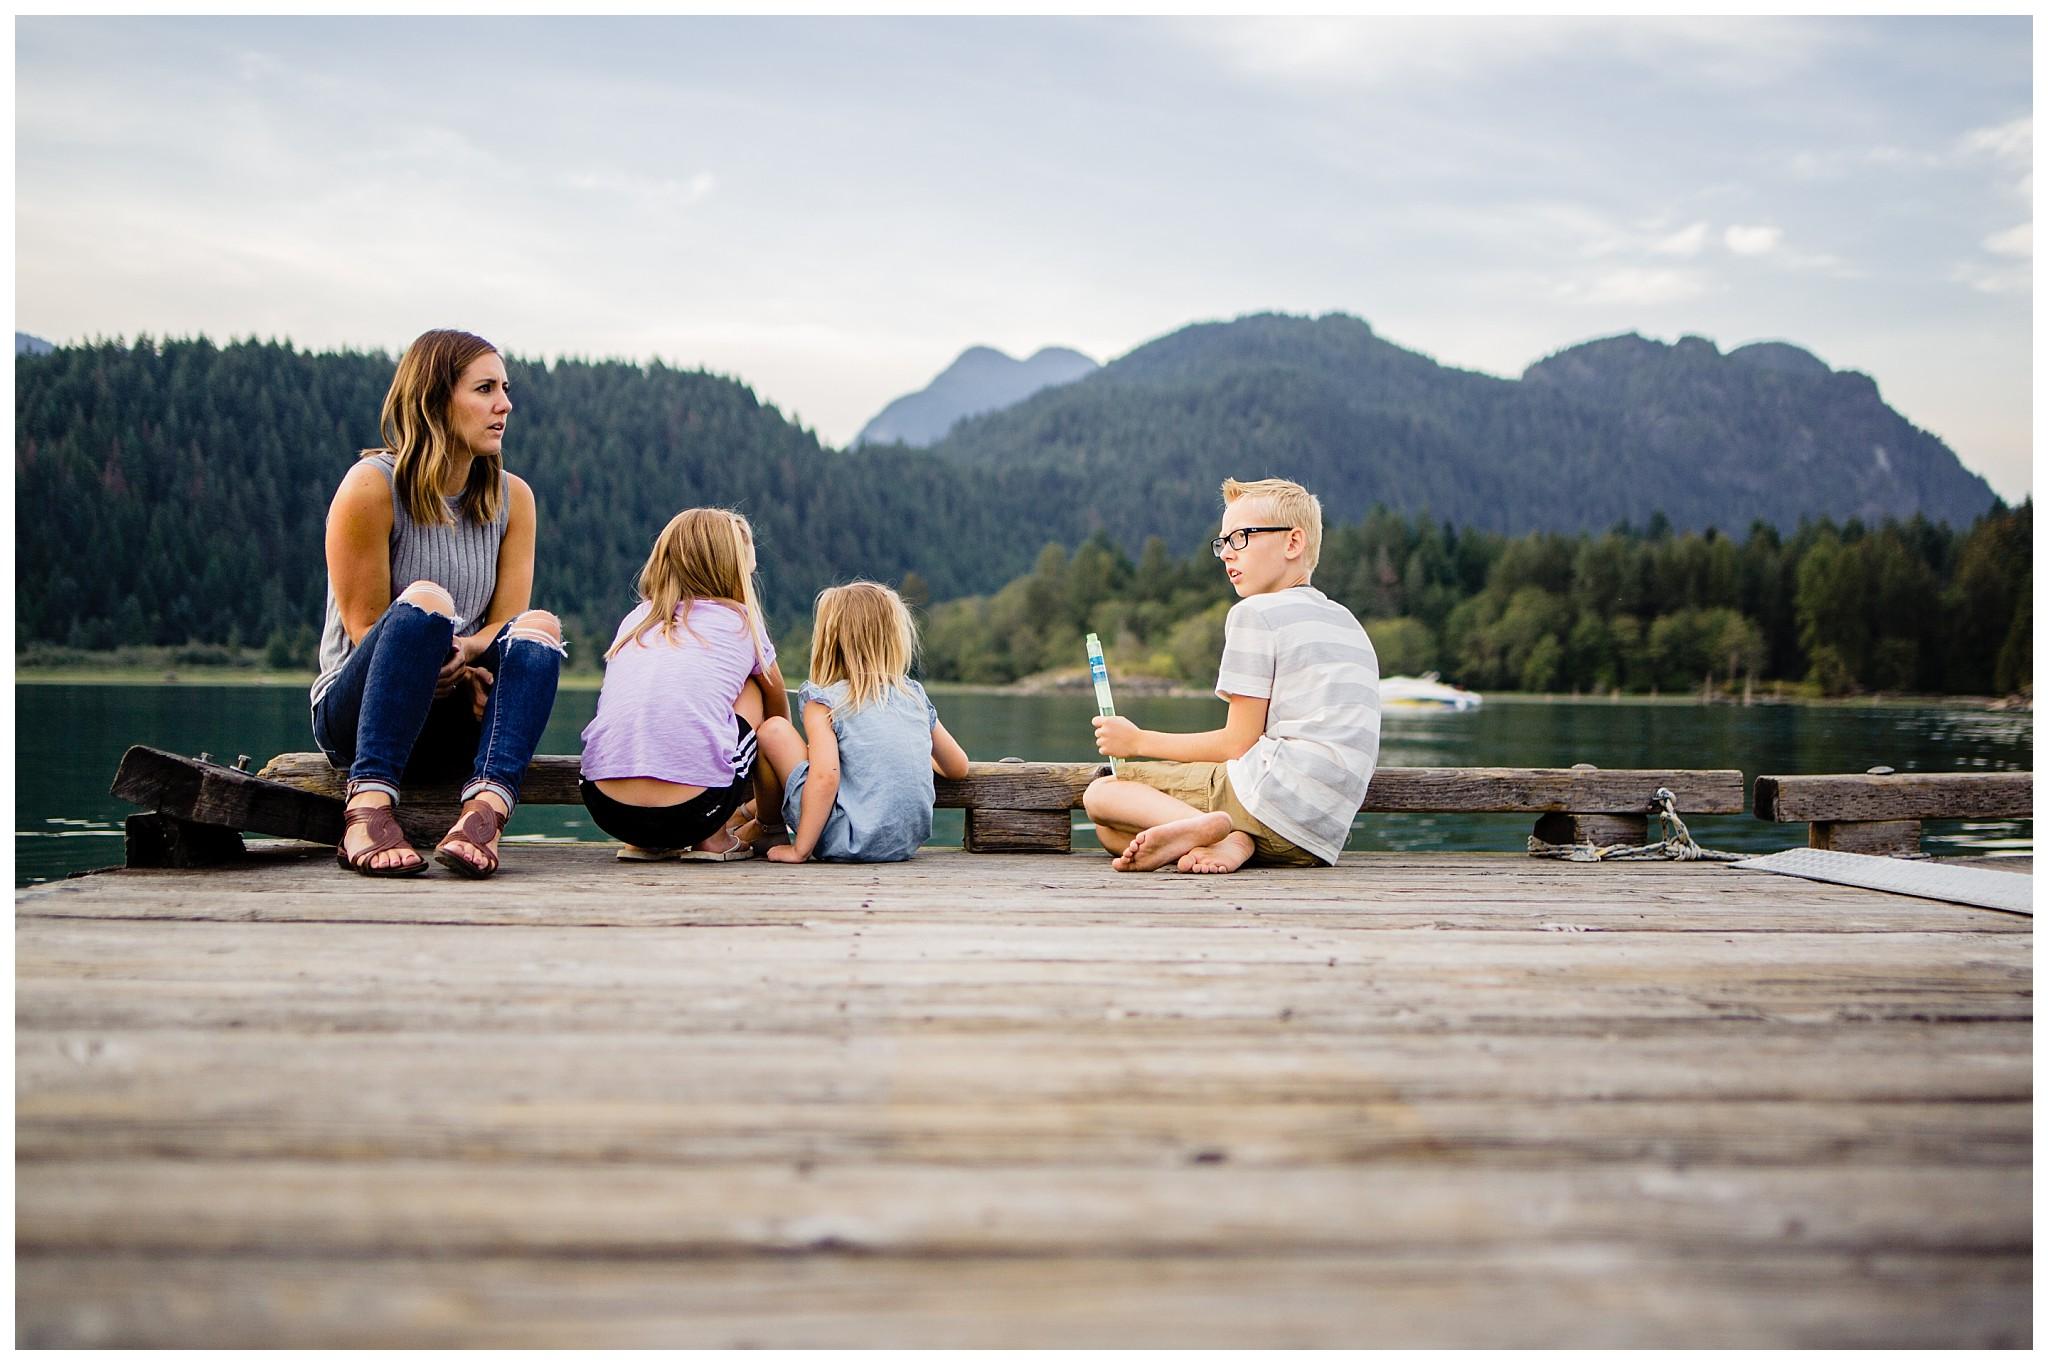 Pitt Lake Documentary Family Photographer Bubbles Mud Family of 6 Boys Girls Children_0096.jpg